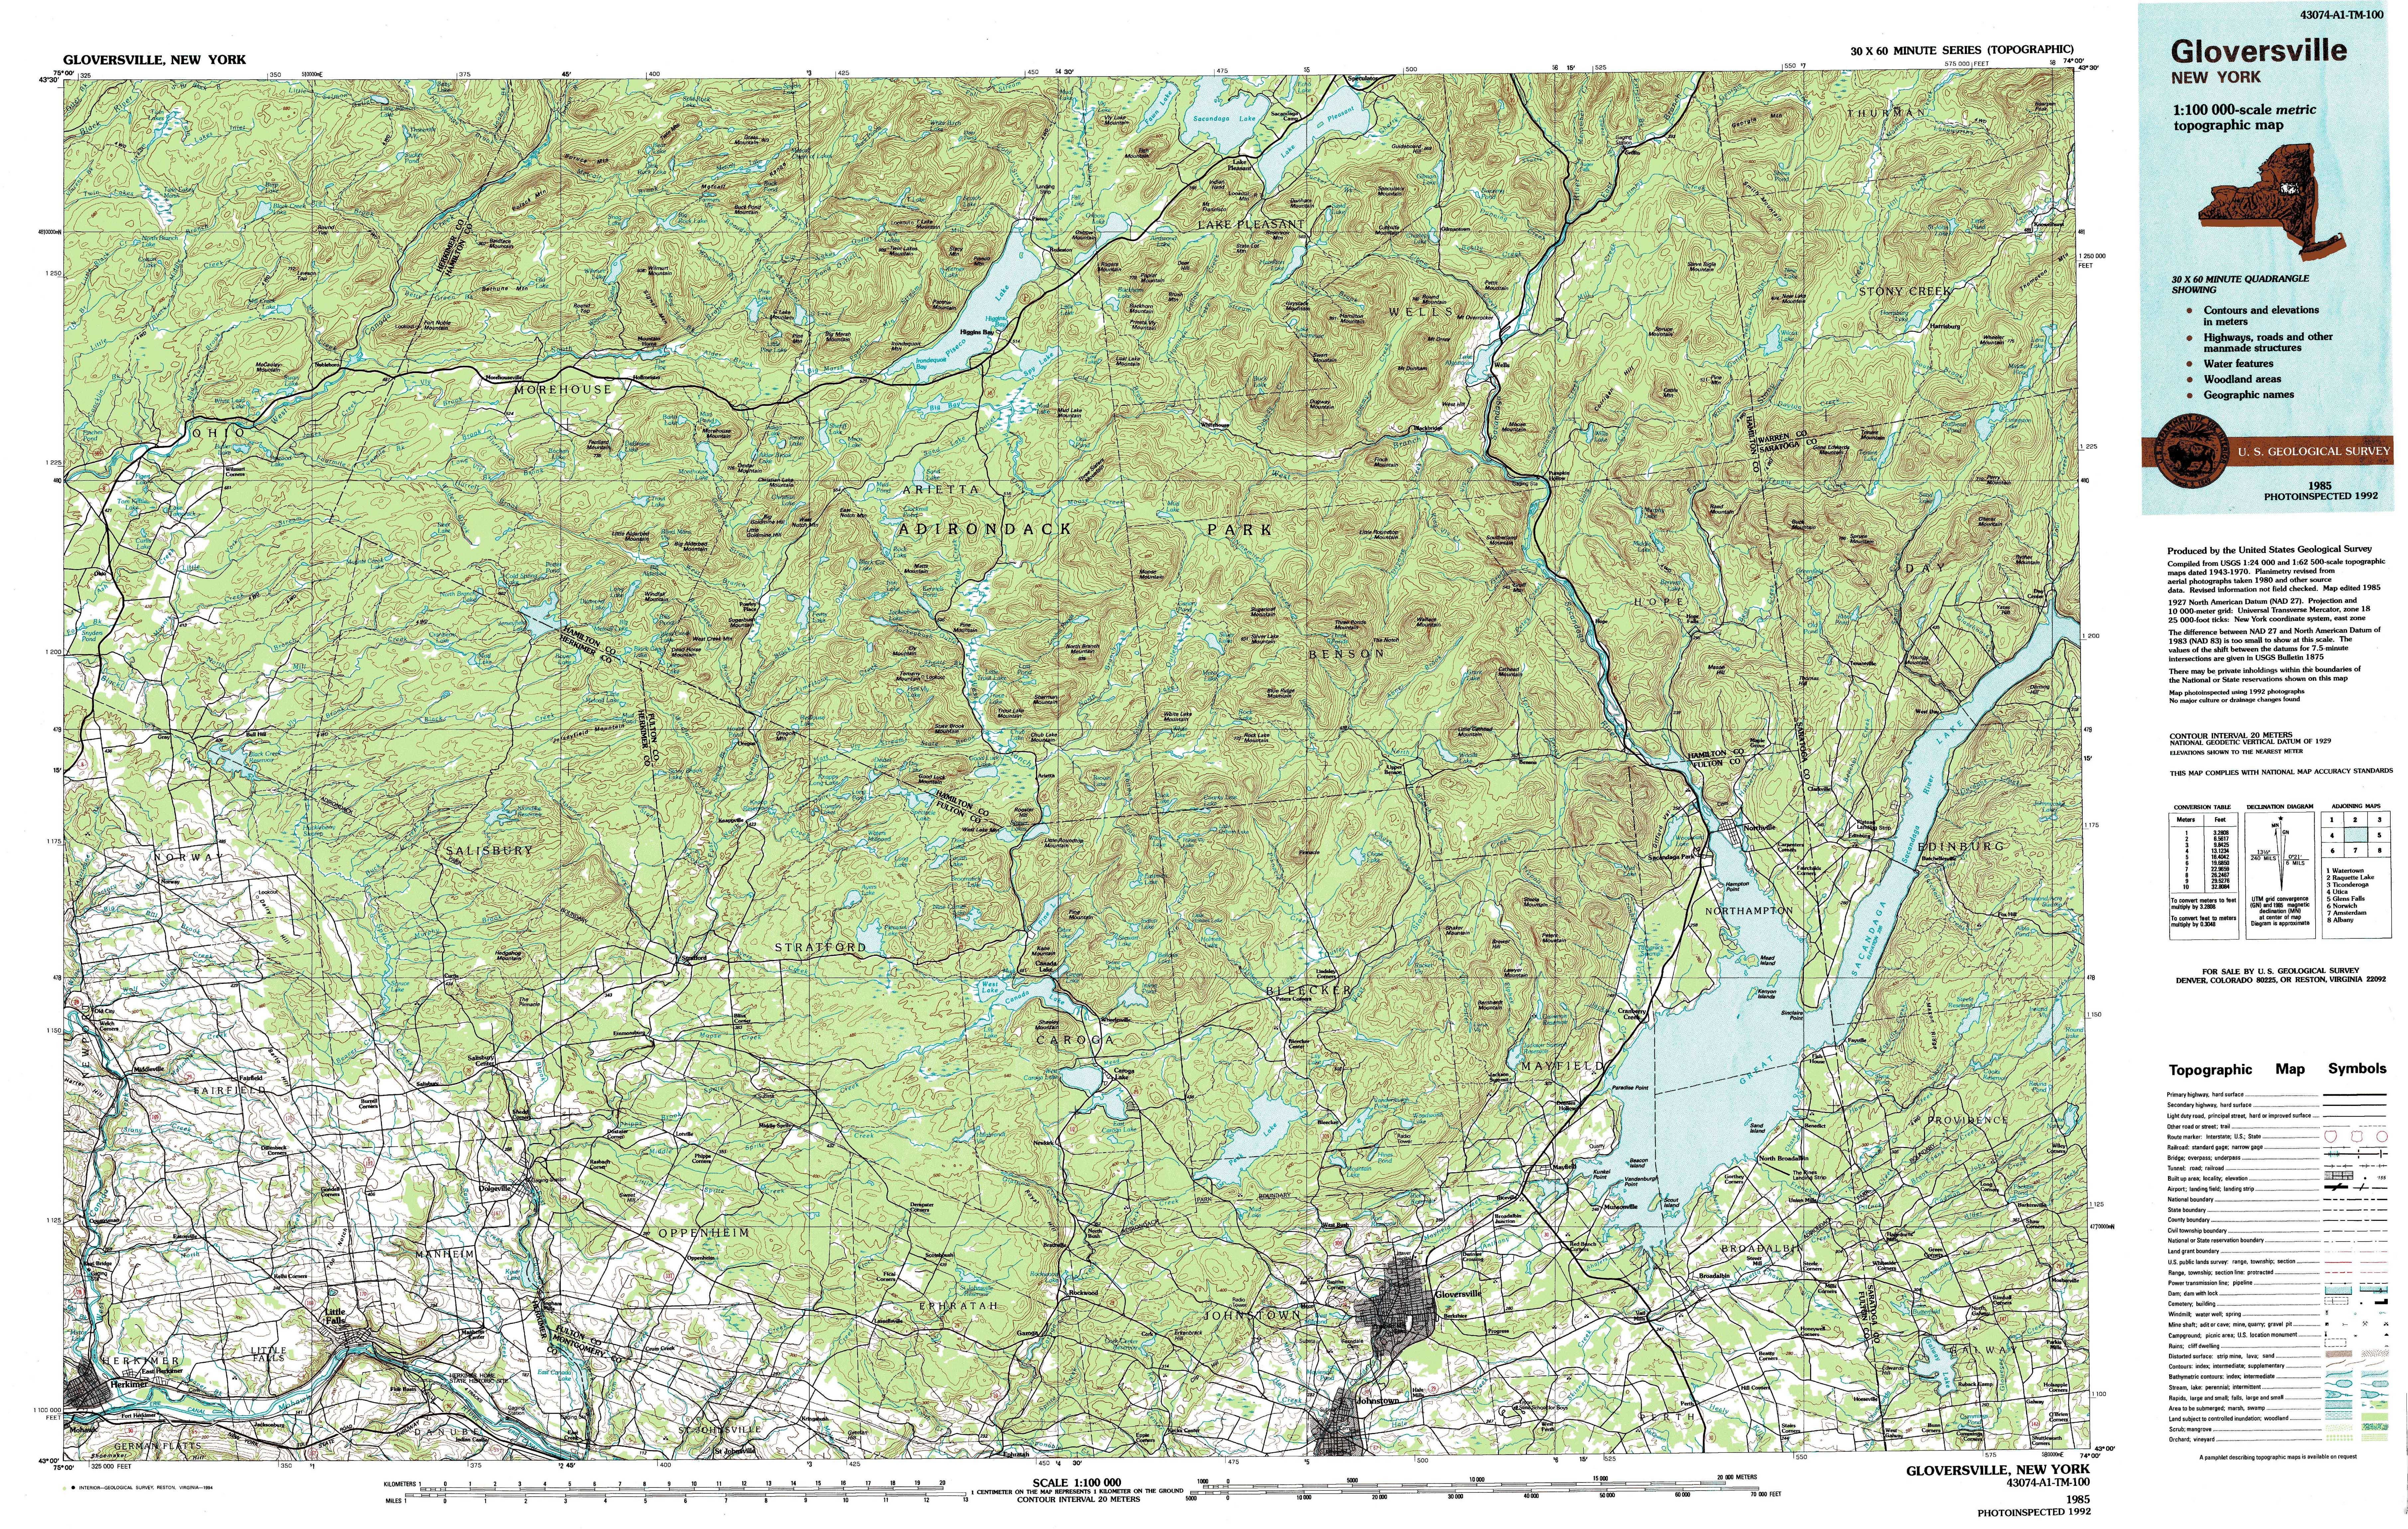 New York Topo Maps Topographic Maps 1 100 000